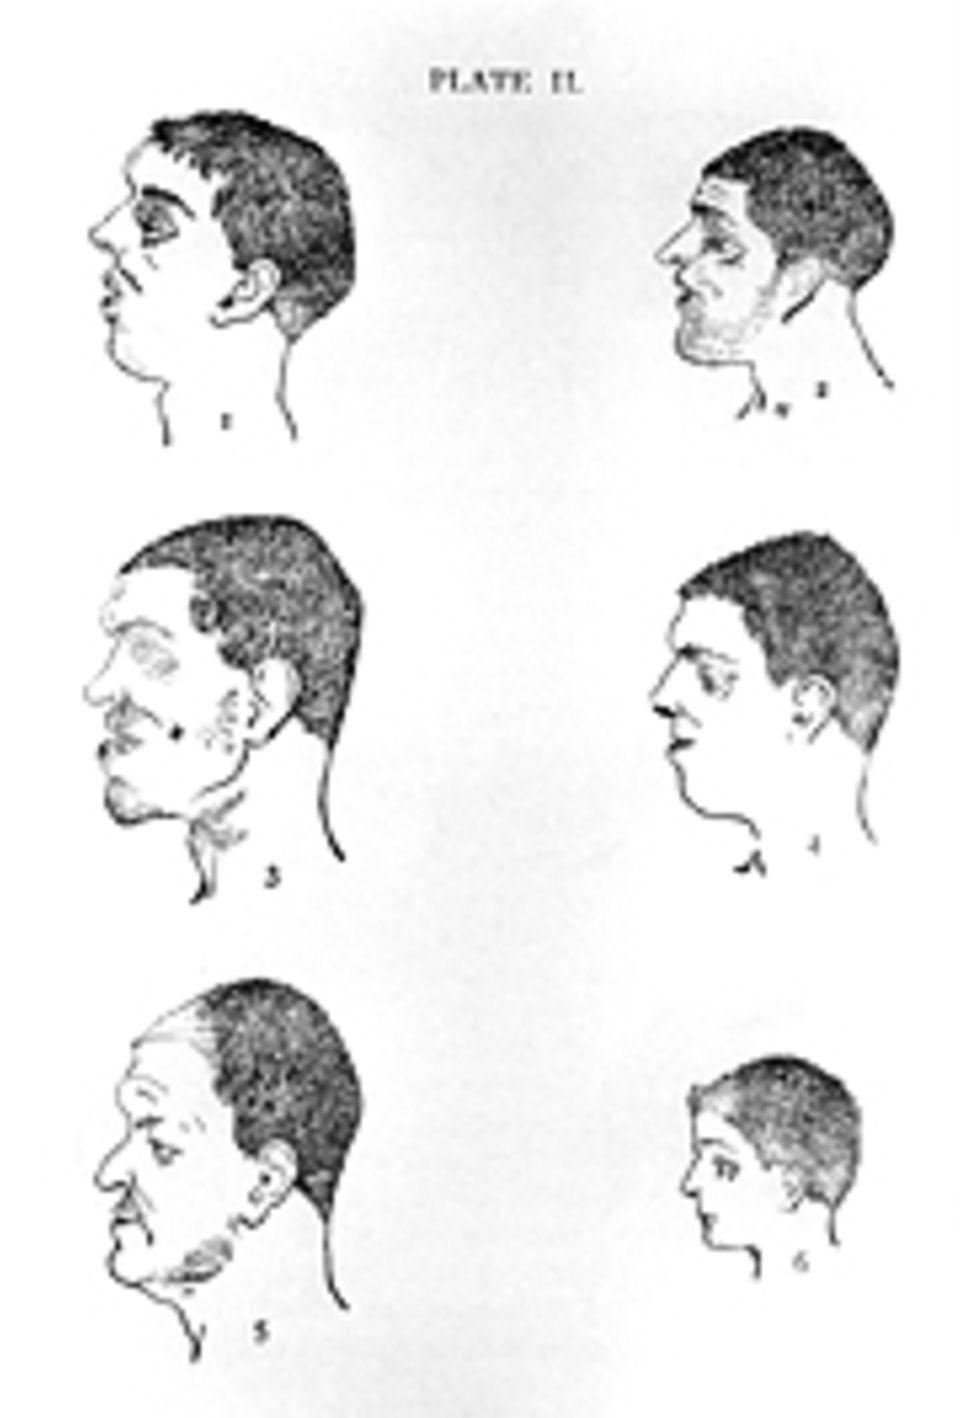 Das Gehirn: Porträts von Kriminellen aus einer Phrenologie-Studie von 1895. Bereits 100 Jahre zuvor untersucht Gall die Schädel von Raufbolden und postuliert, dass ihr Kopf hinter den Ohren breiter sei als der von Feiglingen